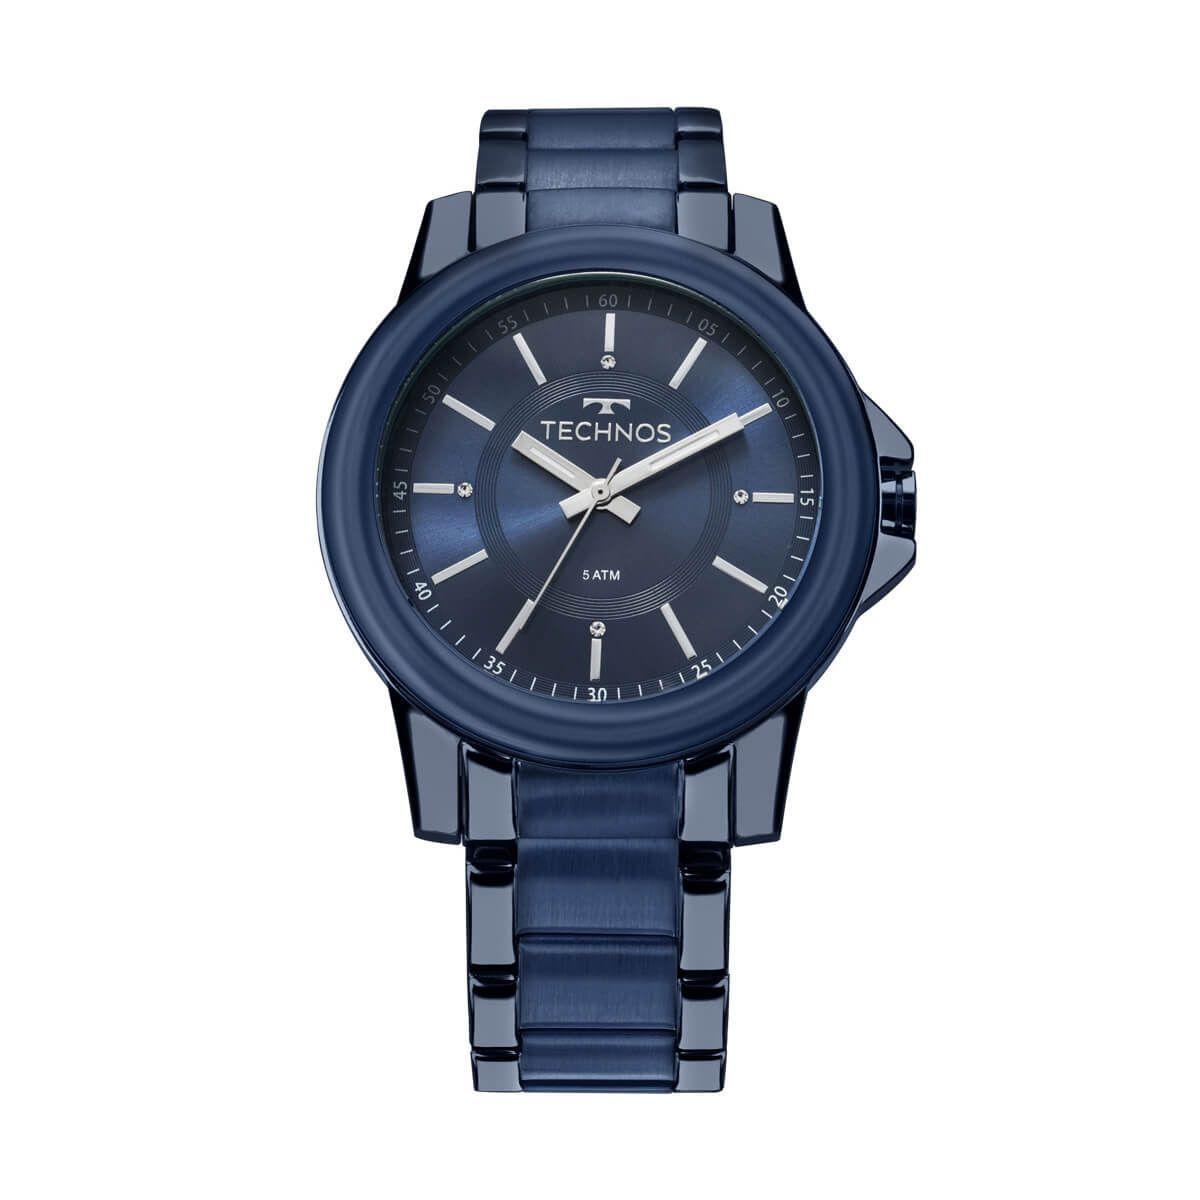 e4de3c843d4 Relógio Technos Trend Modelo 2035MKJ 4ACaixa  AÇOPulseira  AÇO ...